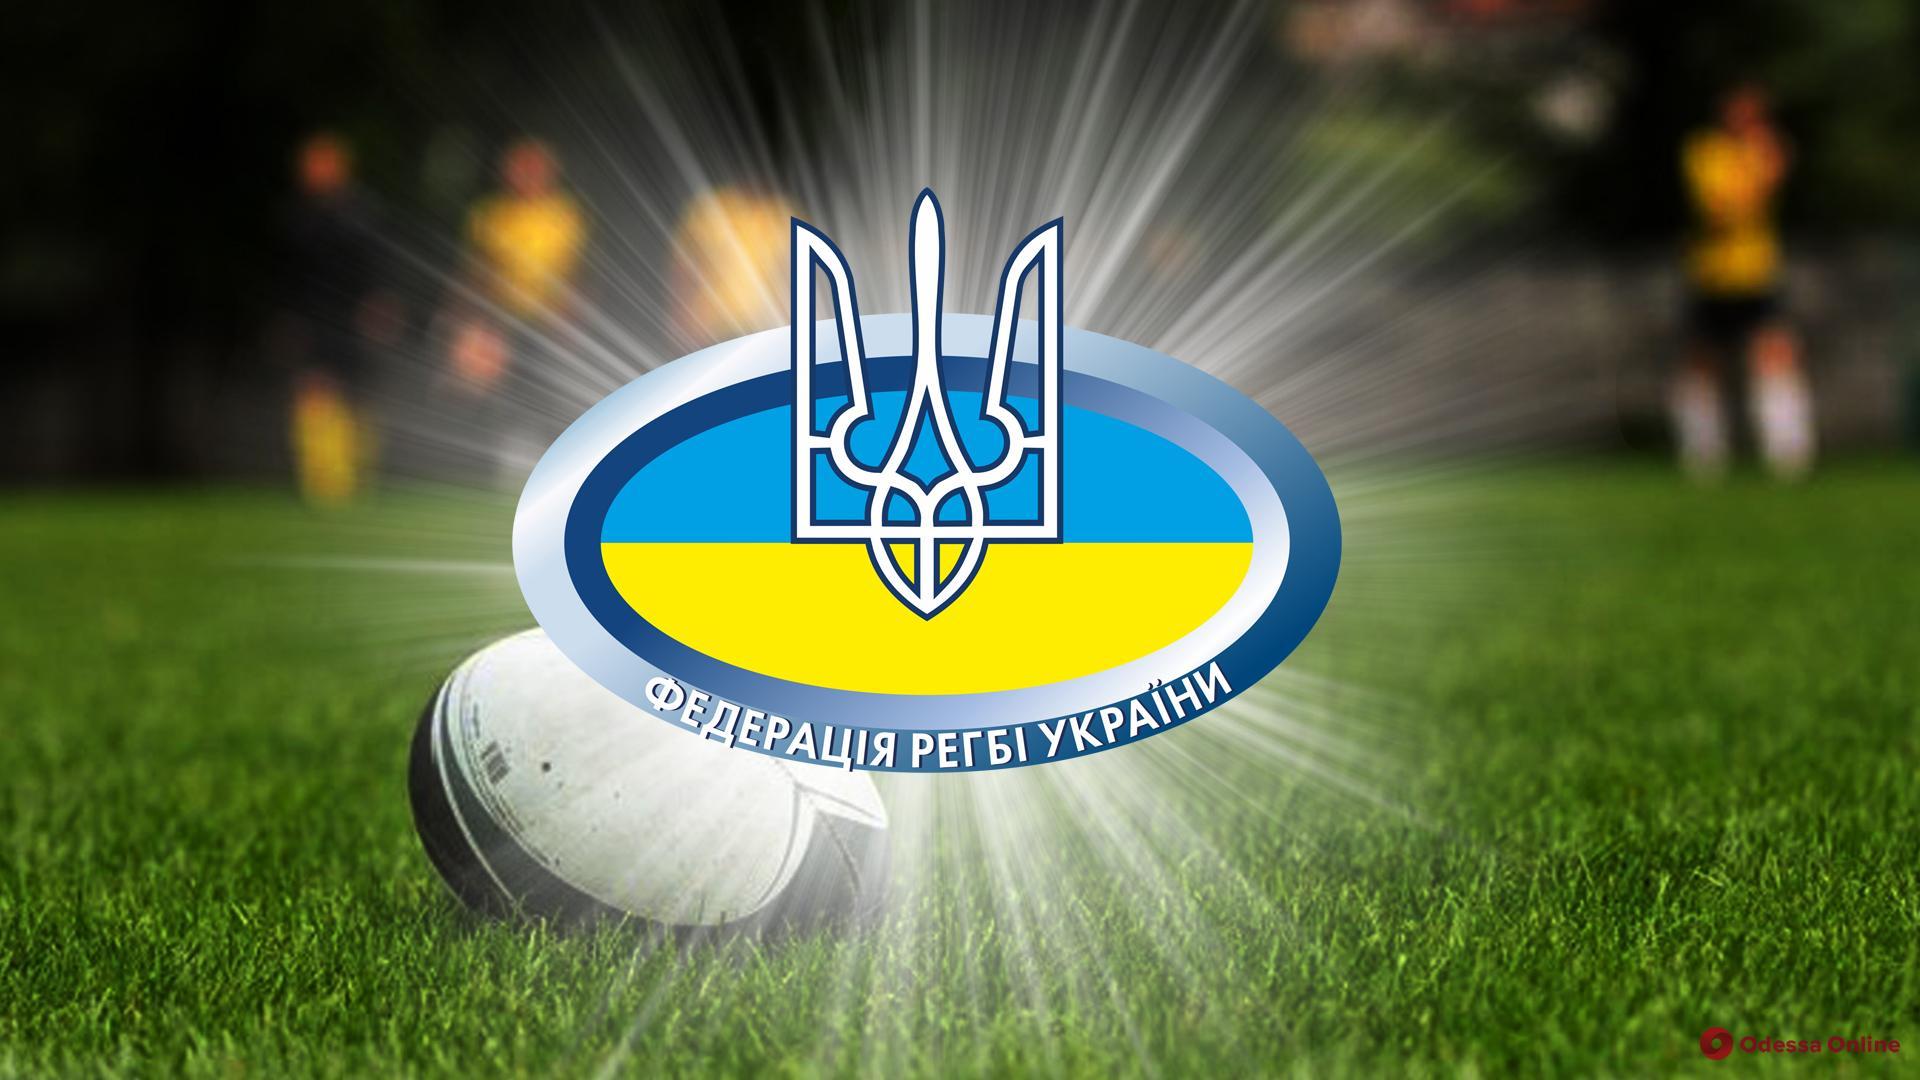 Шесть одесситок сыграют на чемпионате Европы по регби-7